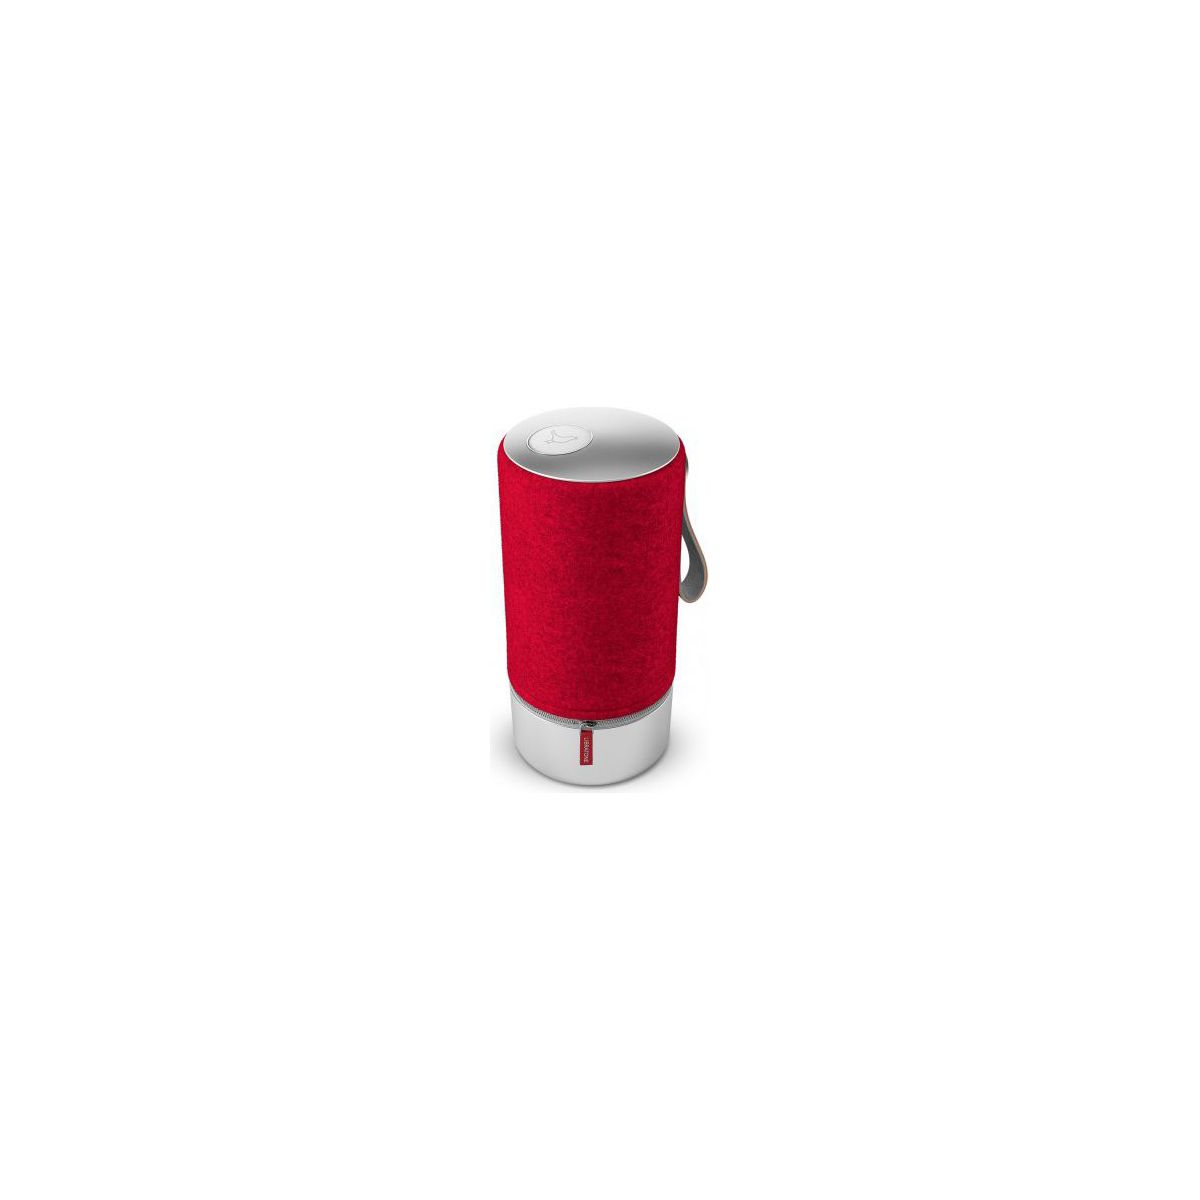 Enceinte Bluetooth LIBRATONE Zipp Copenhagen Rouge et Aluminiu...